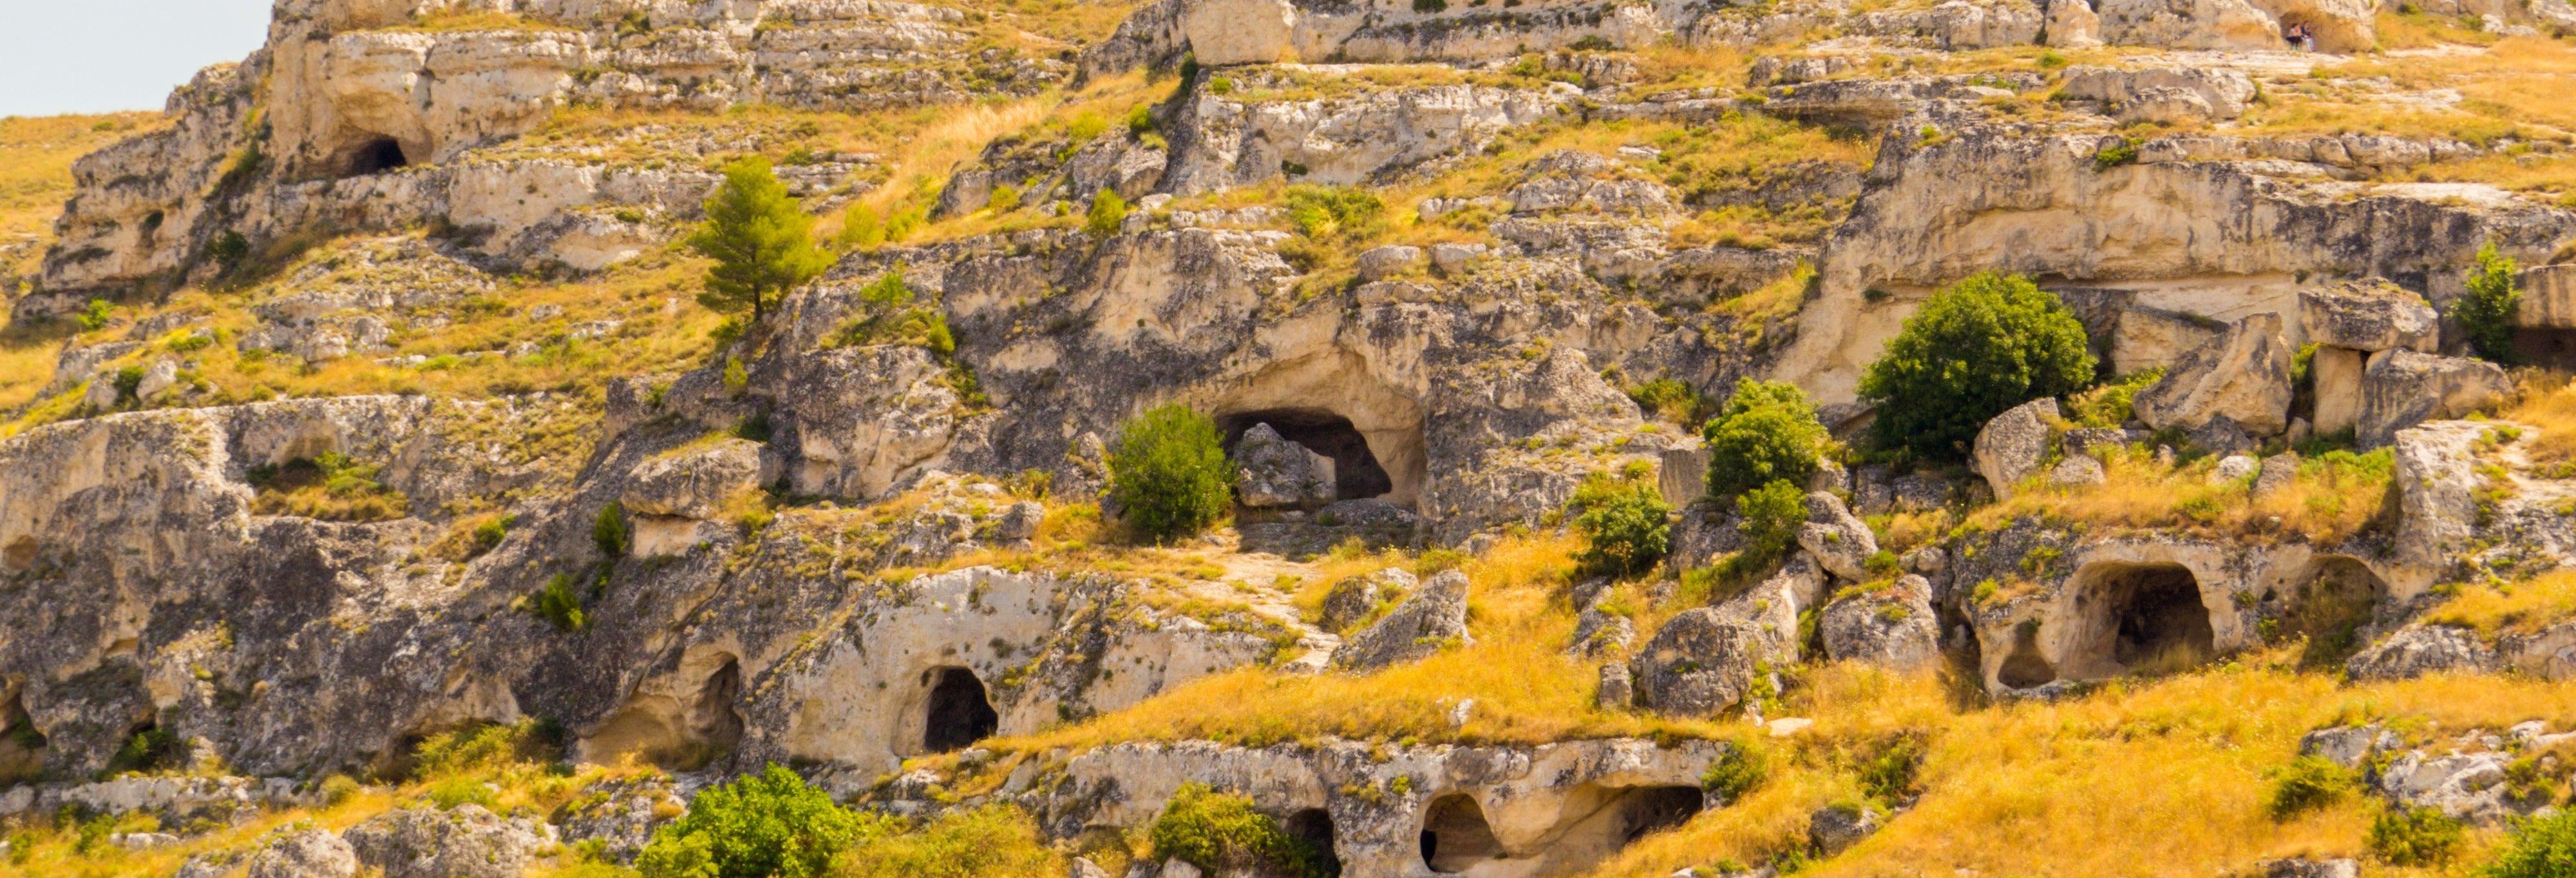 Excursion au parc des églises rupestres